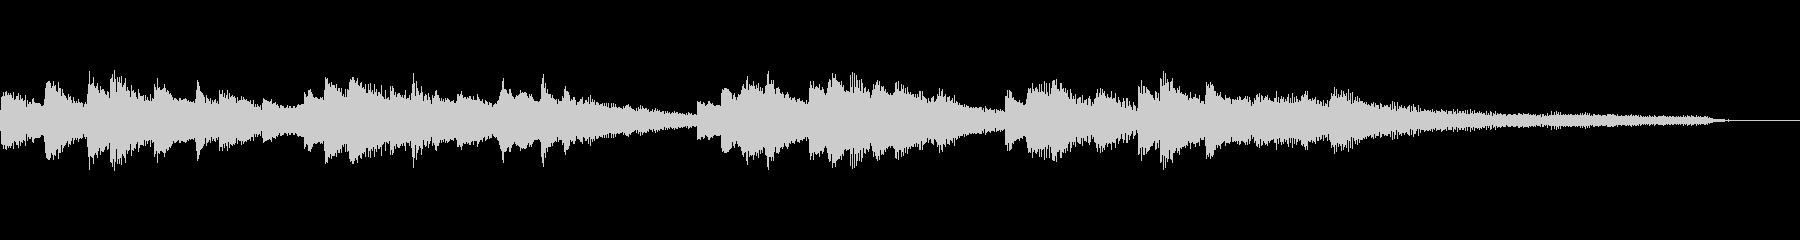 穏やかな15秒のジングル33-ピアノの未再生の波形